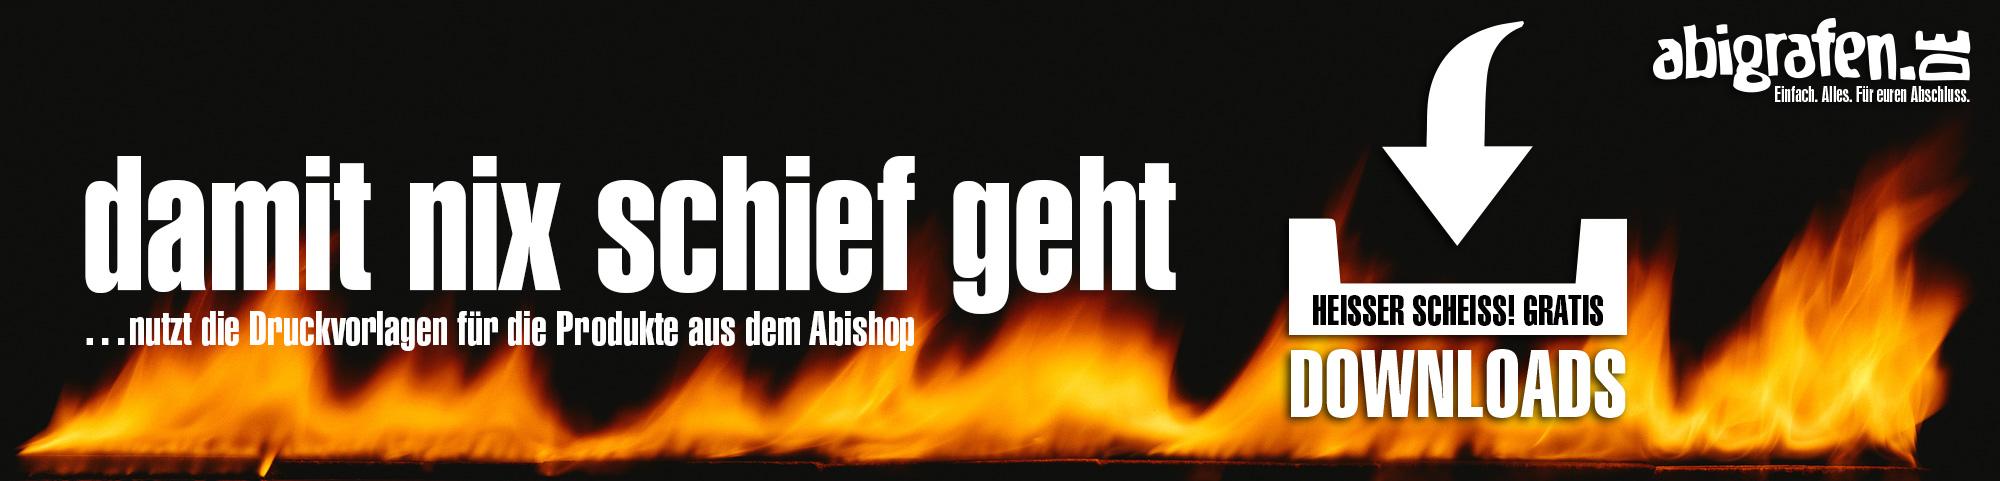 Druckvorlagen für Abiprodukte kostenlos downloaden - abigrafen.de